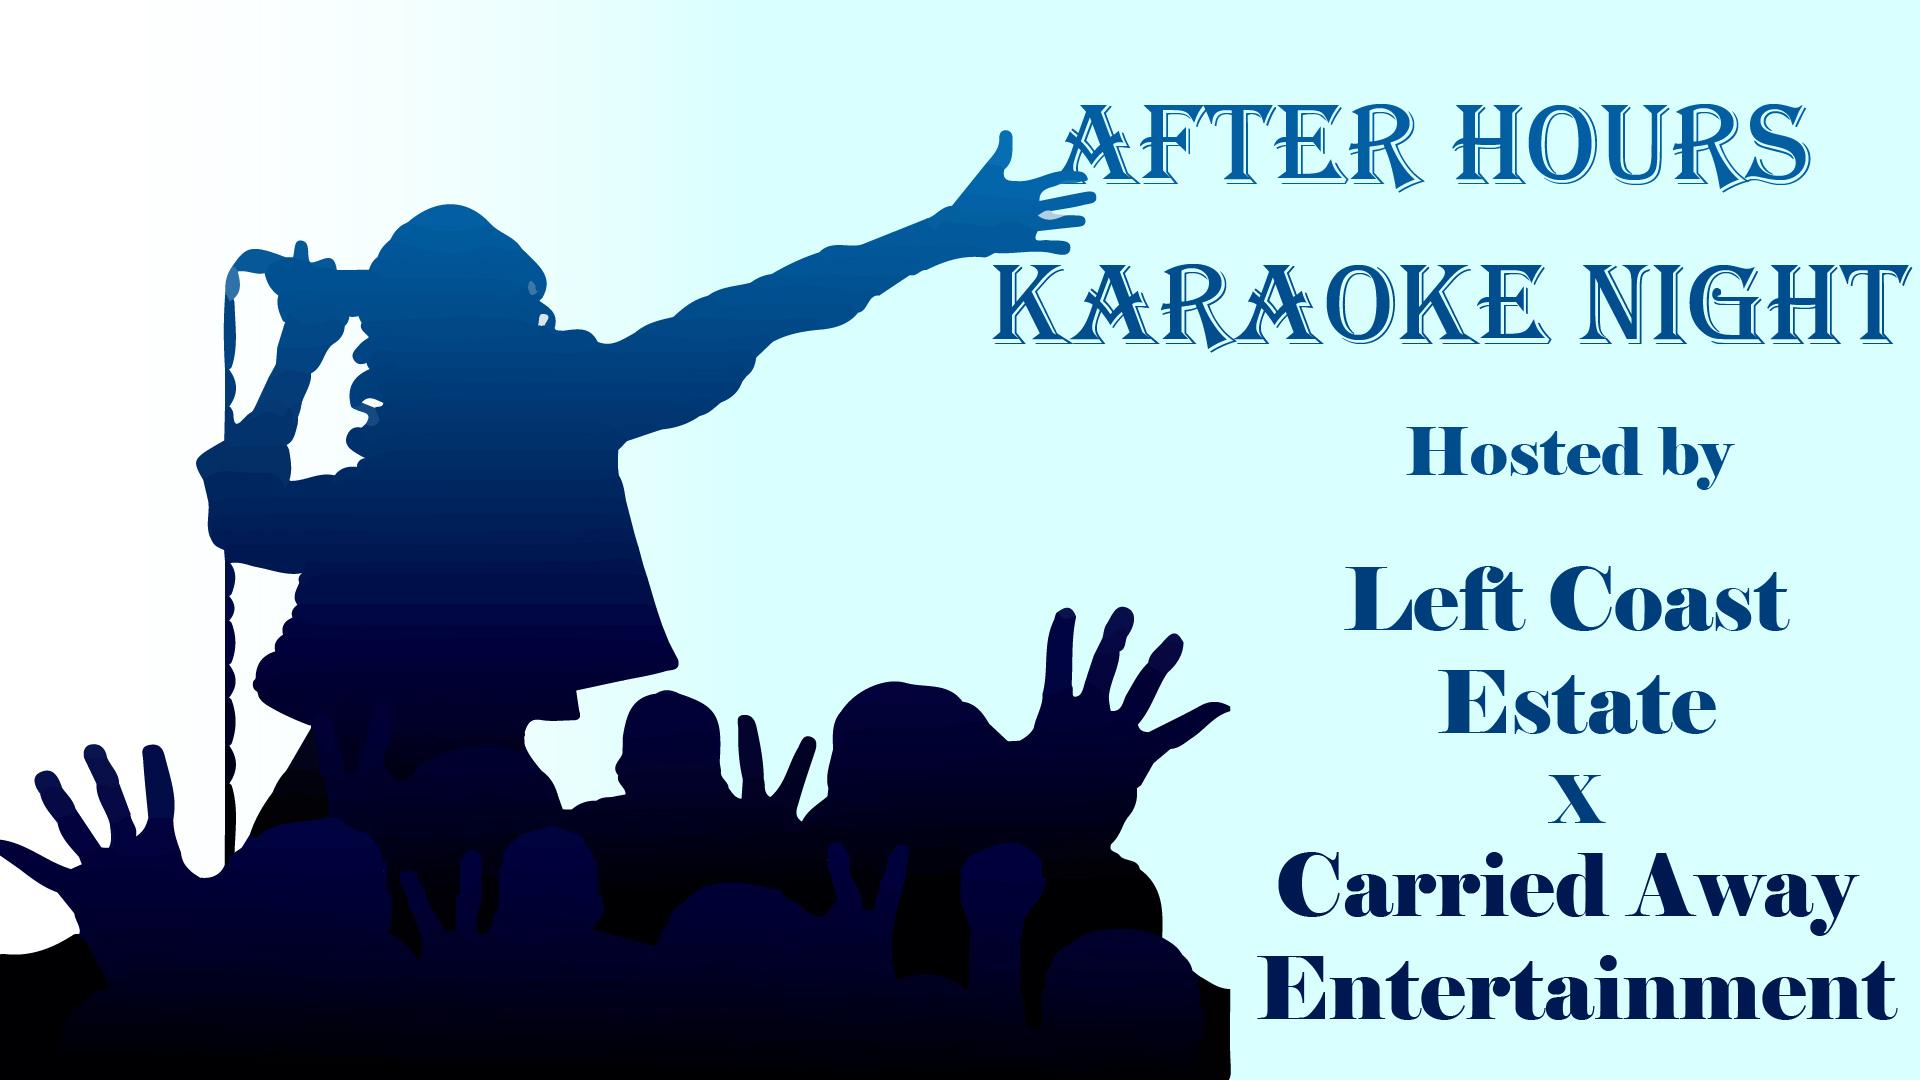 Karaoke_image.jpg